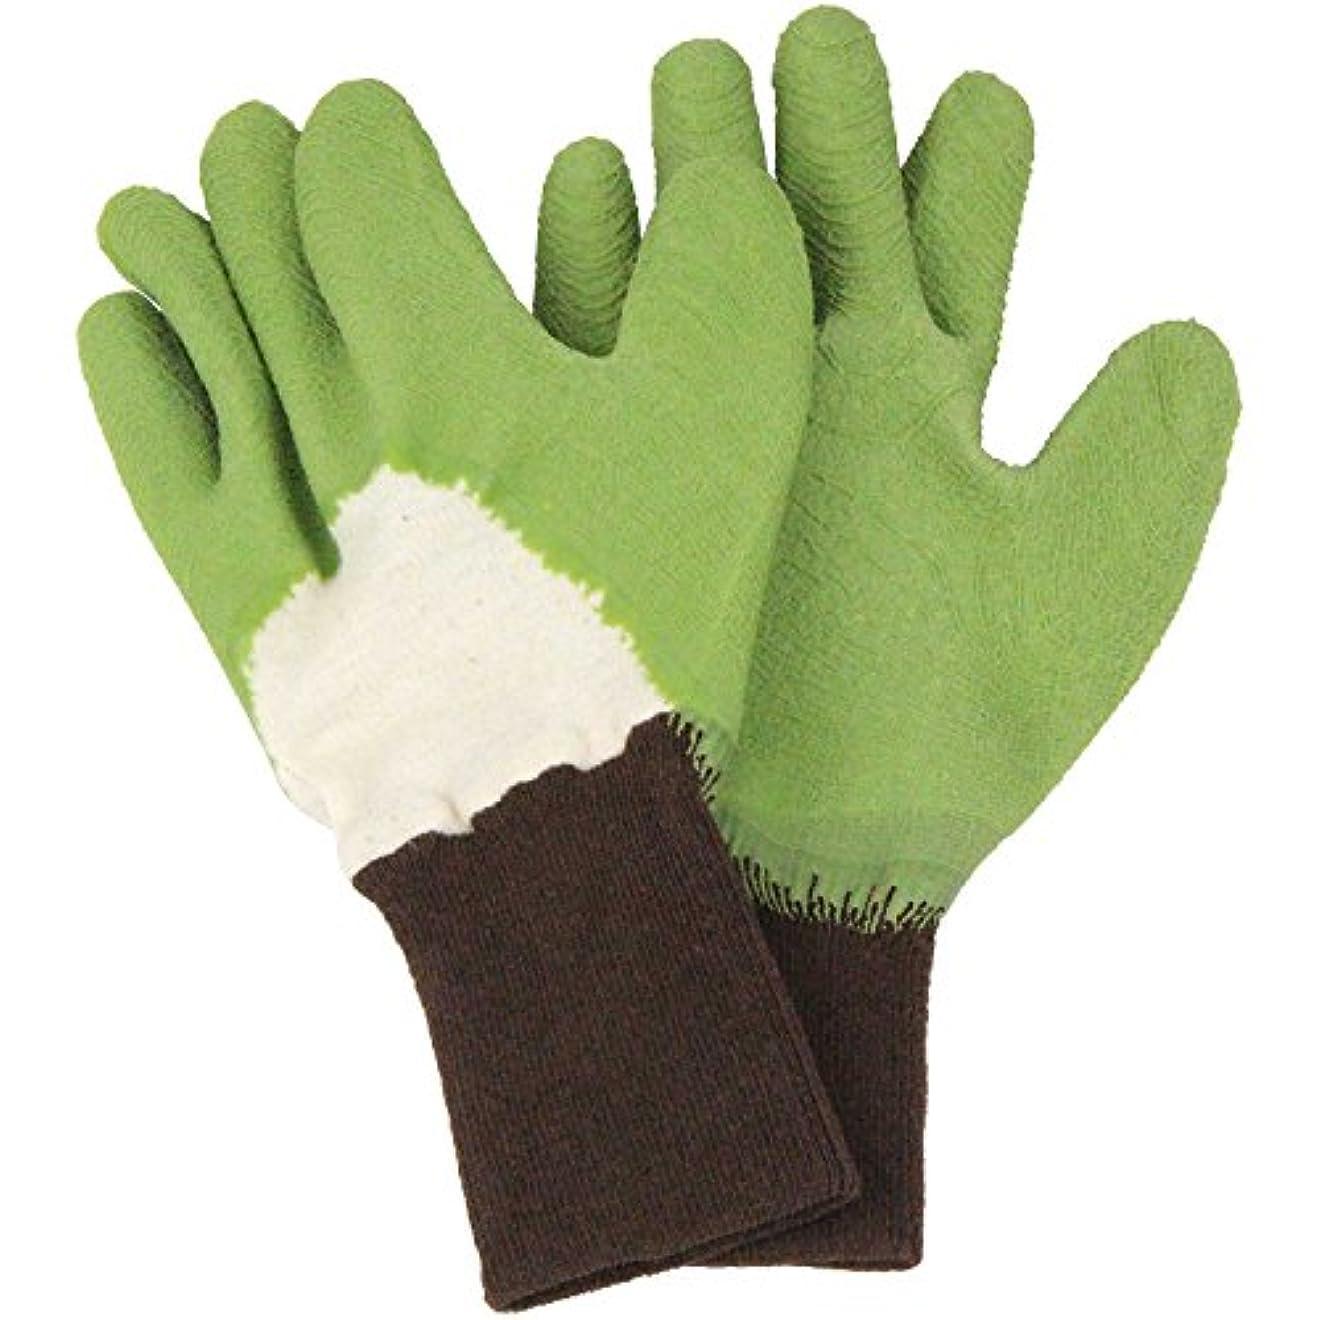 可愛い放出不一致セフティー3 トゲがささりにくい手袋 グリーン L